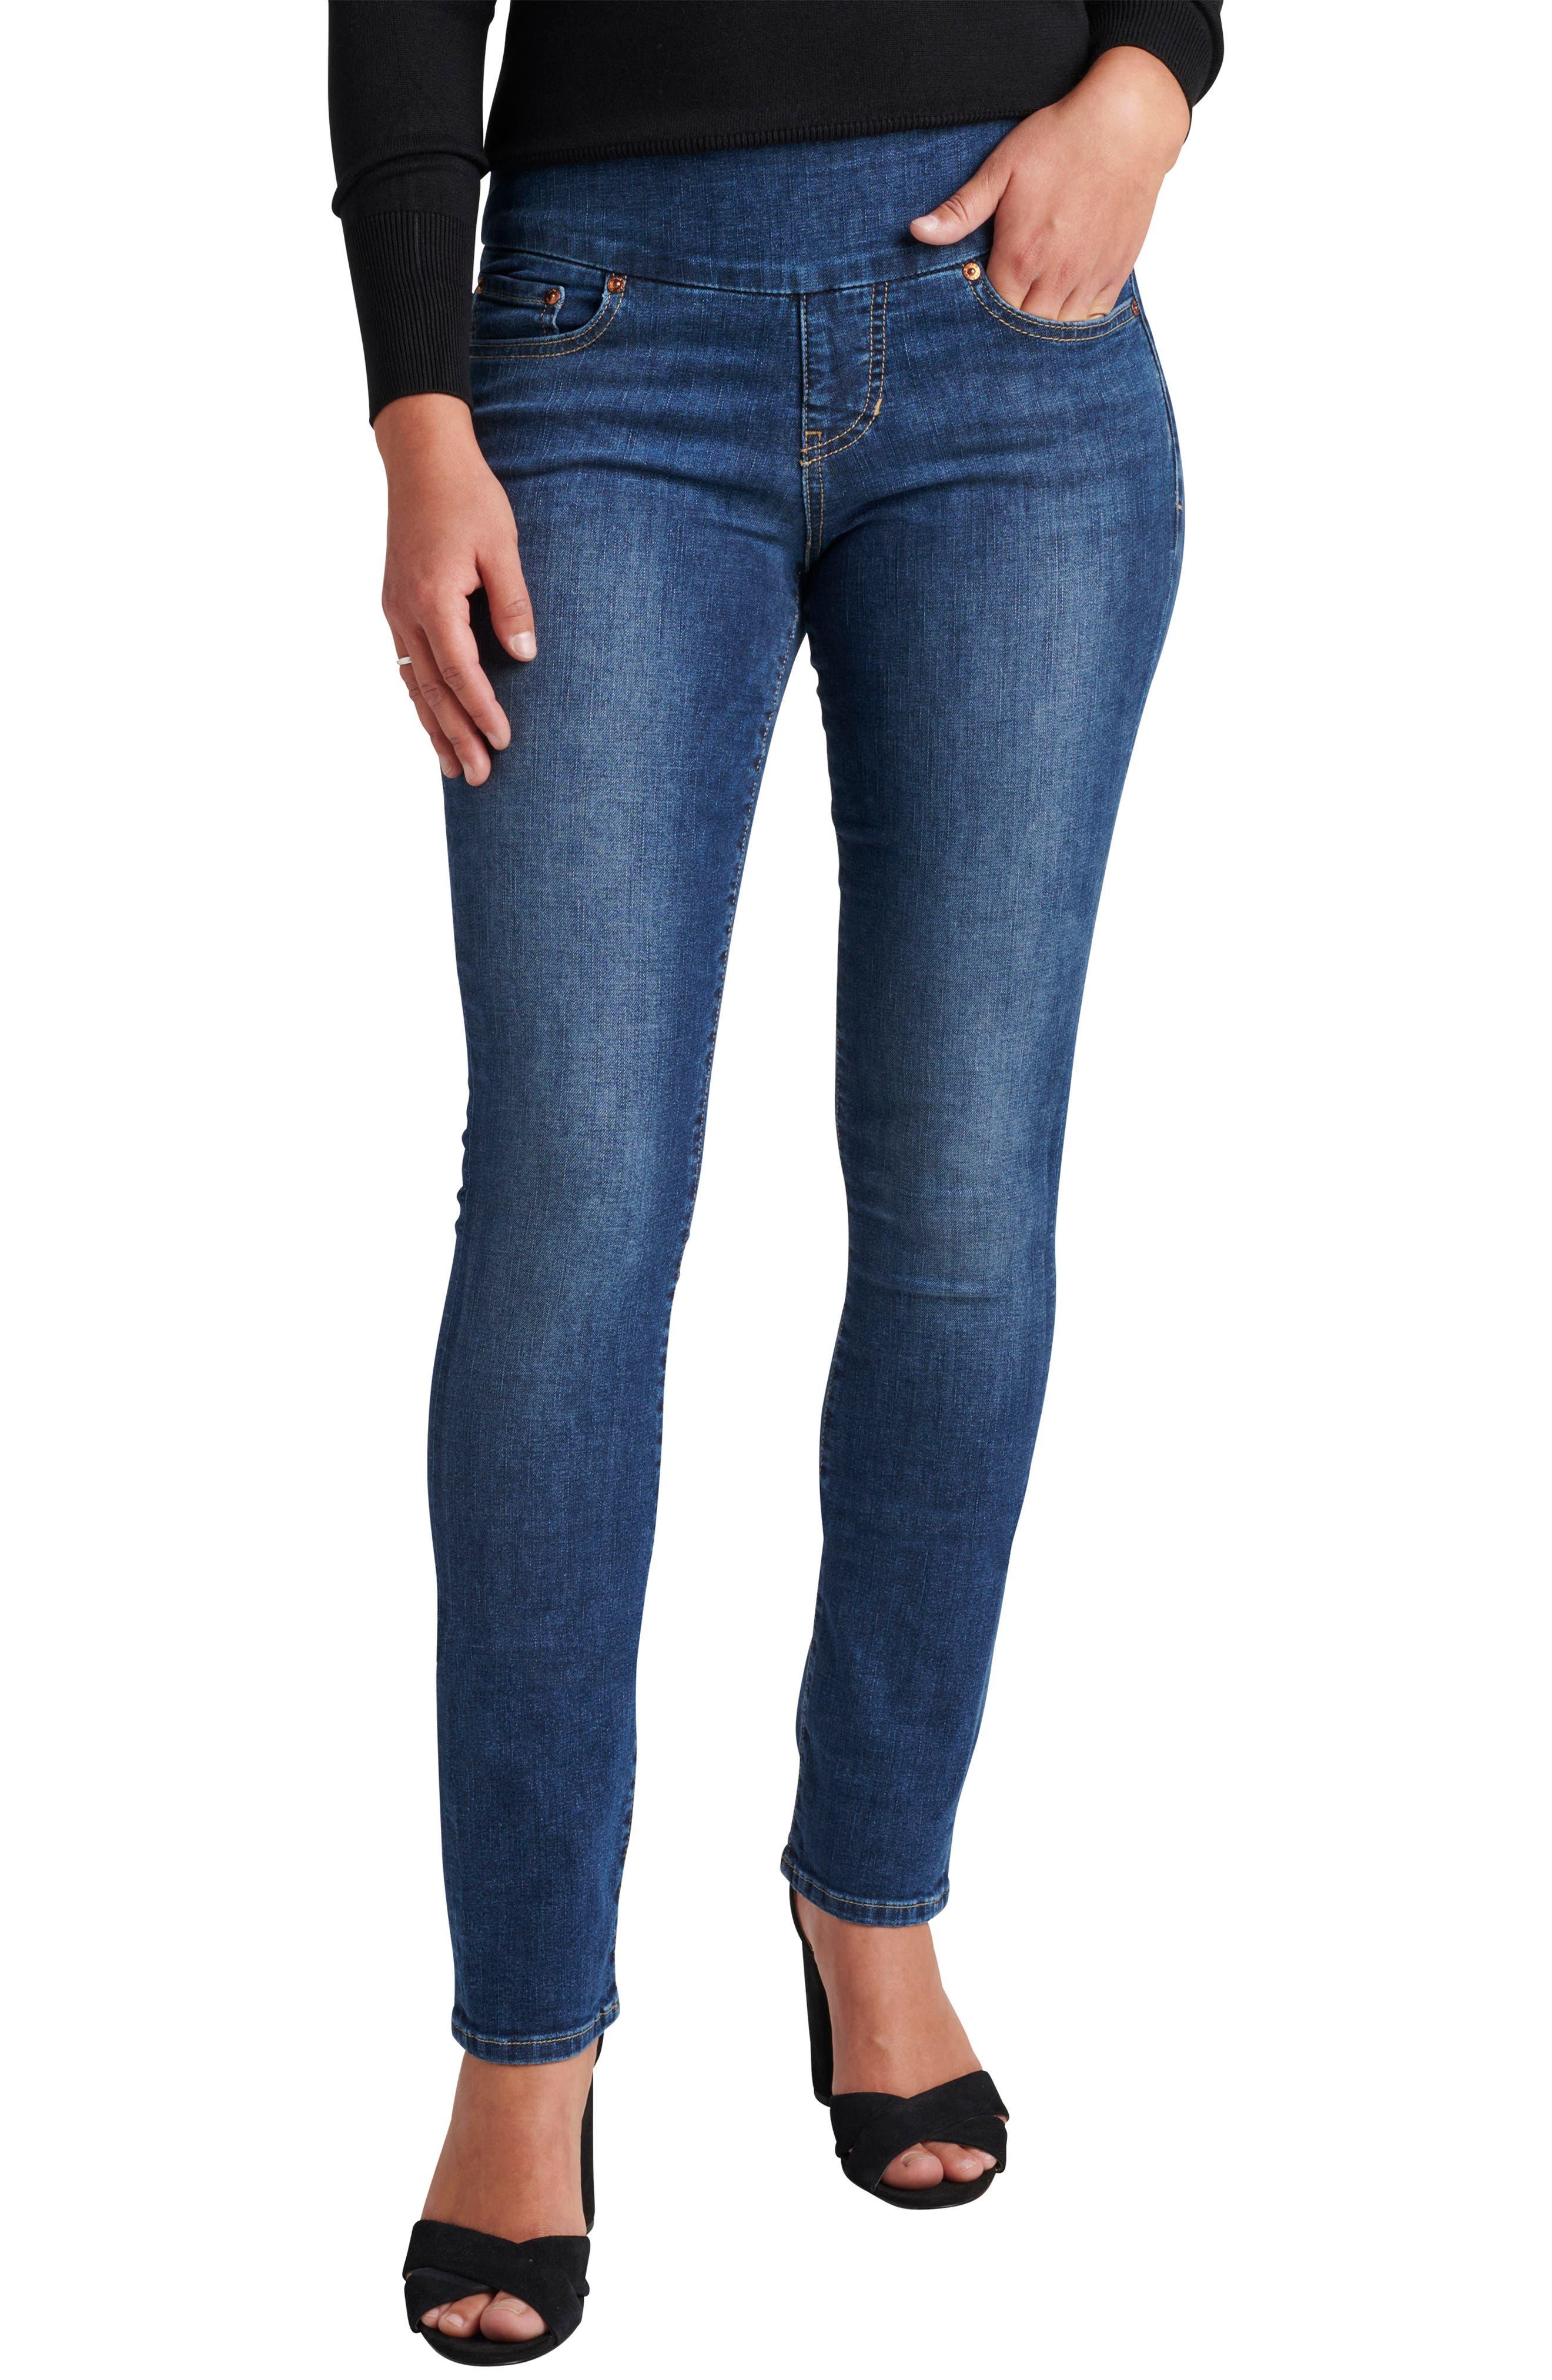 Peri Pull-On Slim Jeans